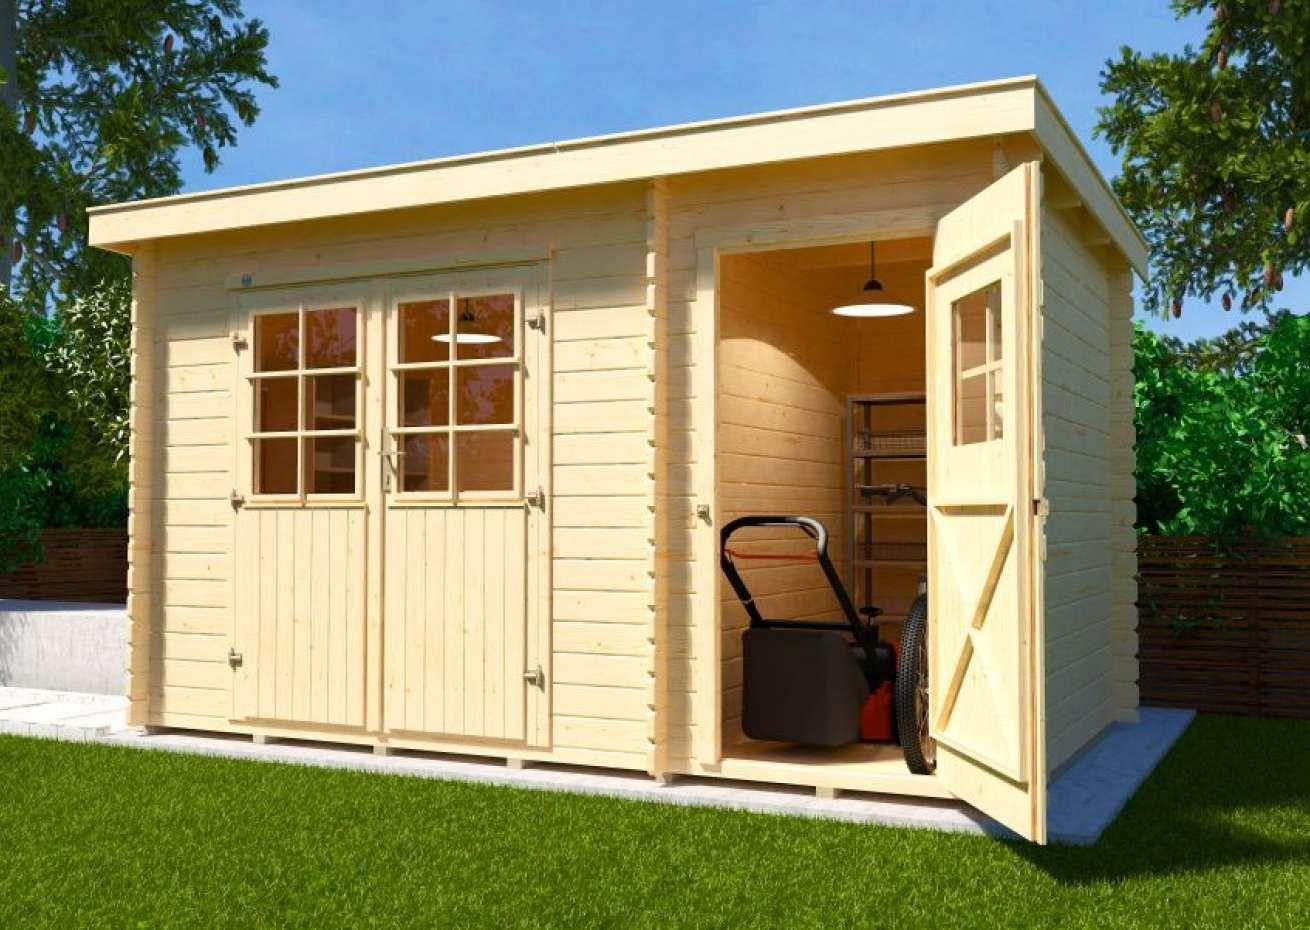 Weka Gartenhaus 254 Gr 1 2 Weka Gartenhaus Gartenhaus Gartenhaus Flachdach Modern